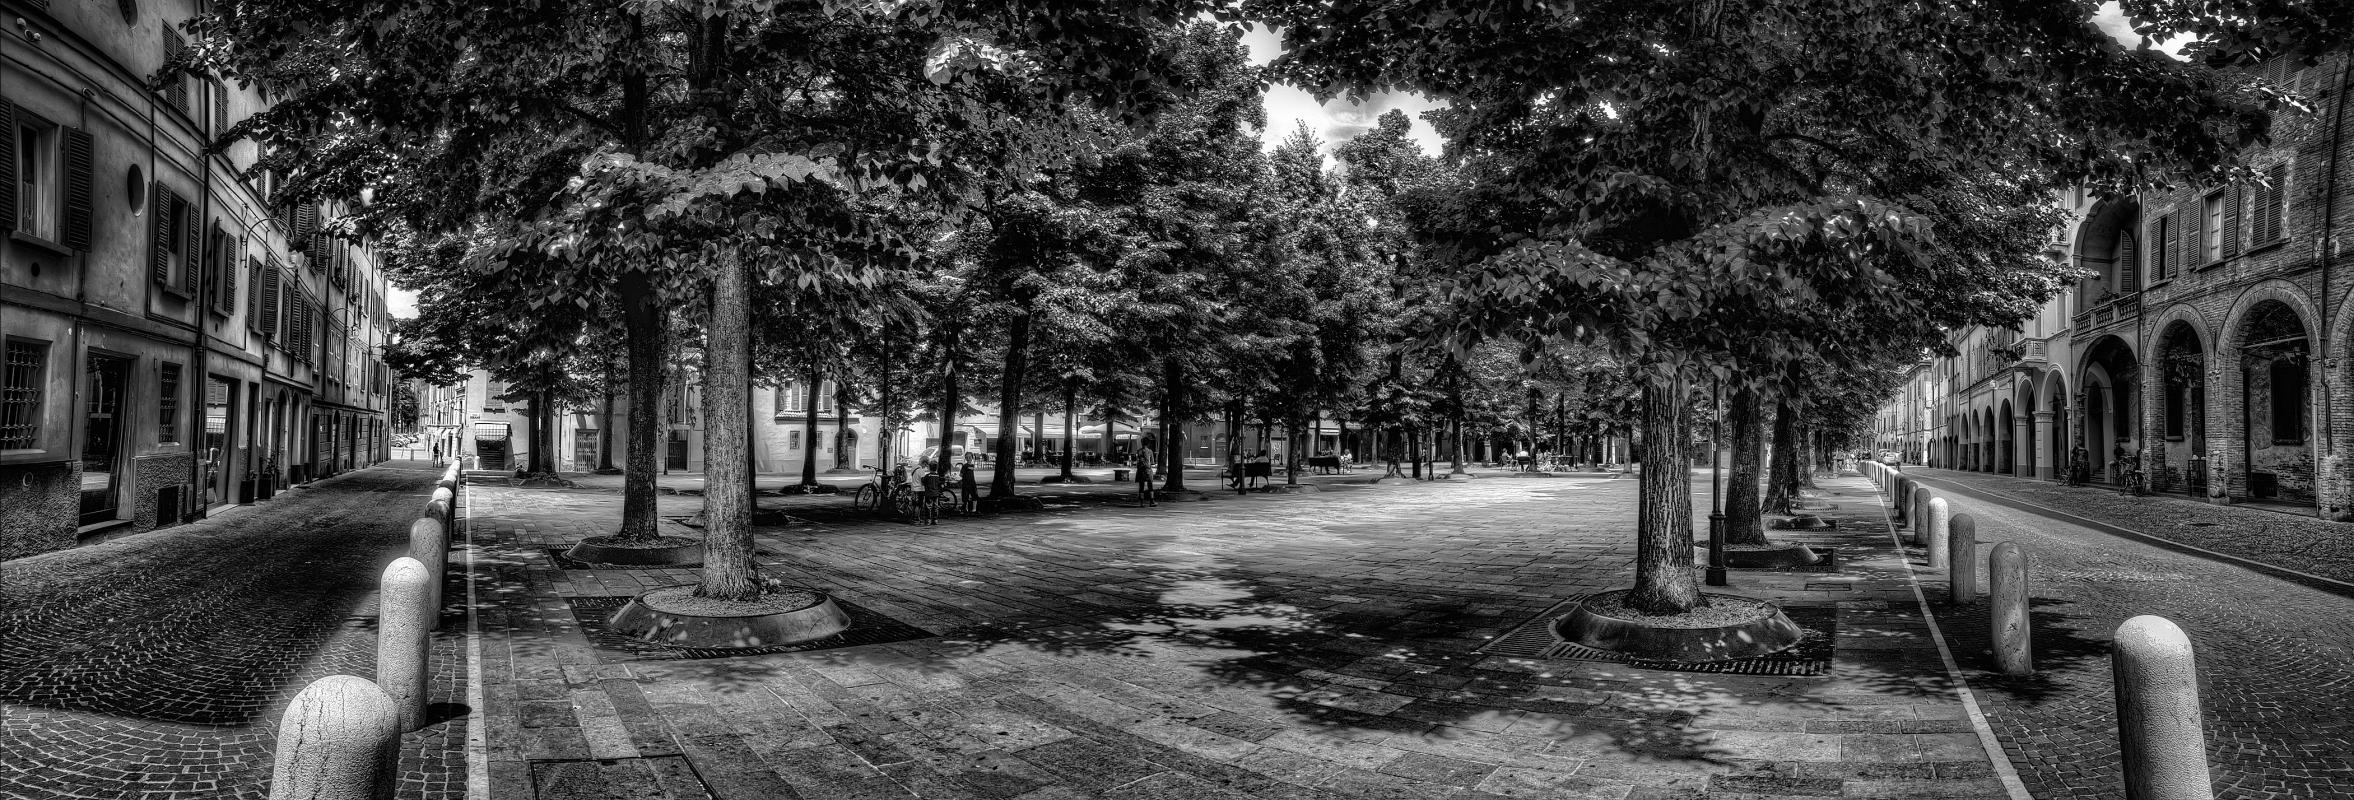 Piazza Fontanesi - Goethe100 - Reggio nell'Emilia (RE)